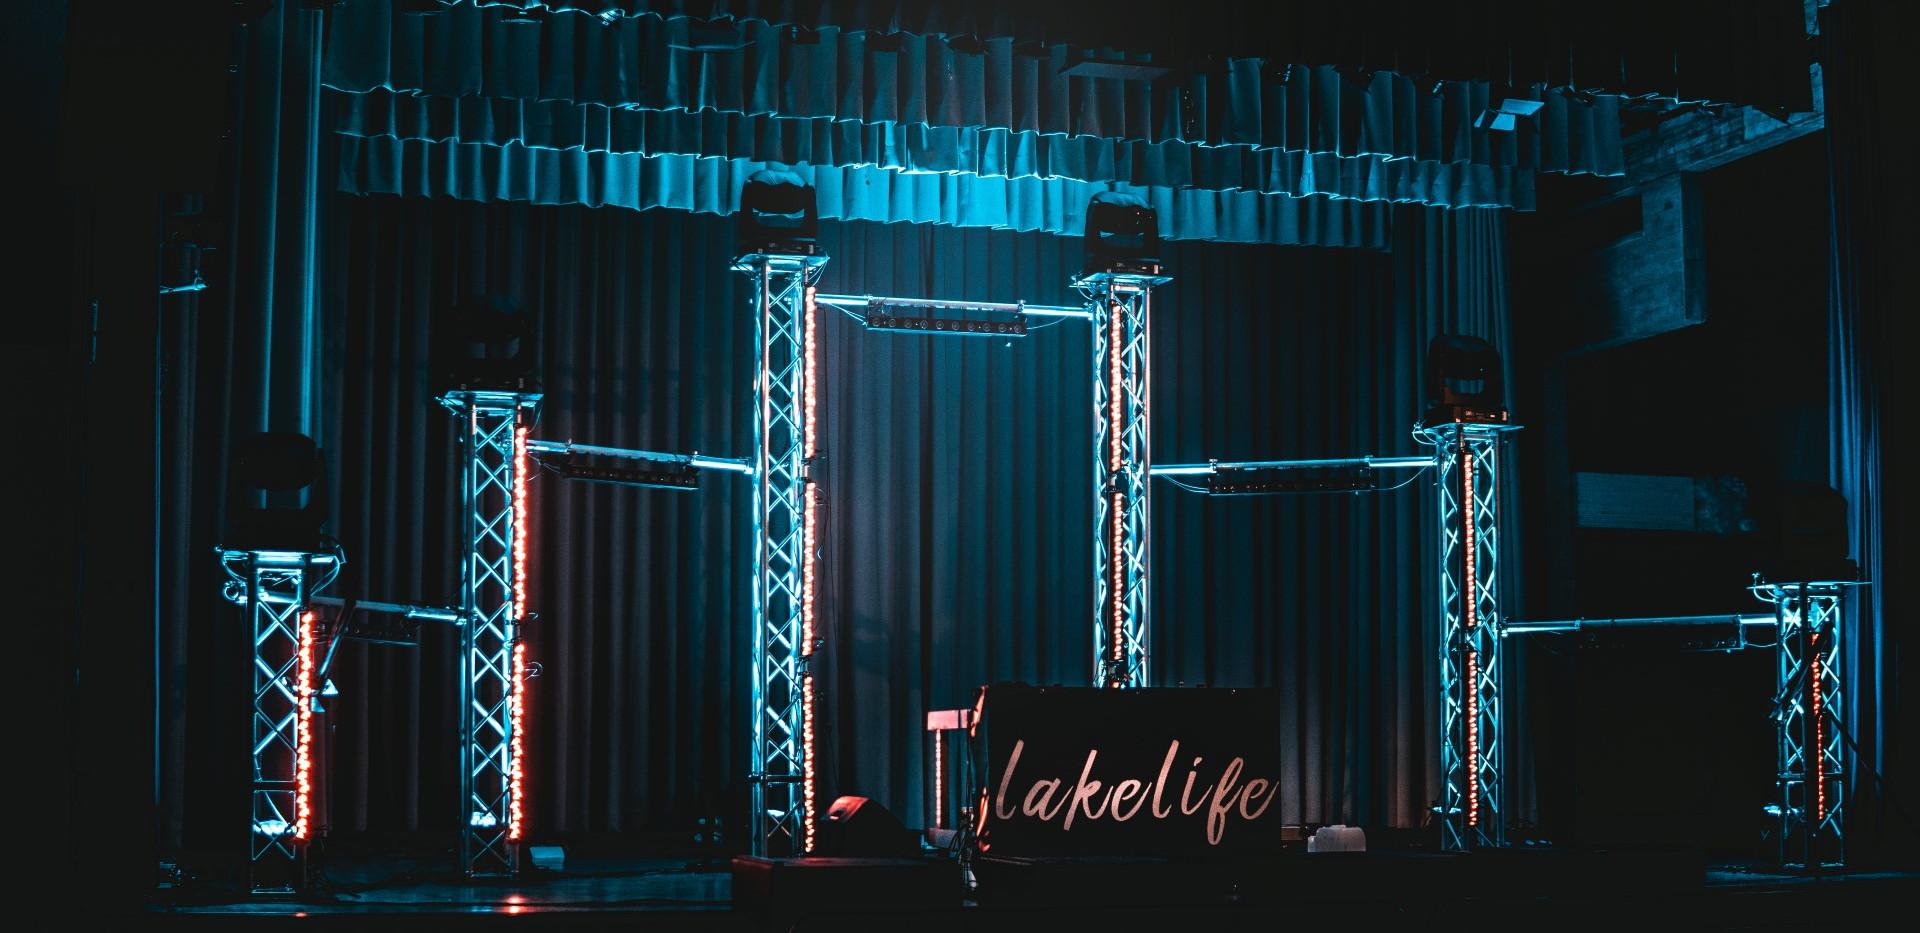 lakelife_2019-04118 (Large).jpg